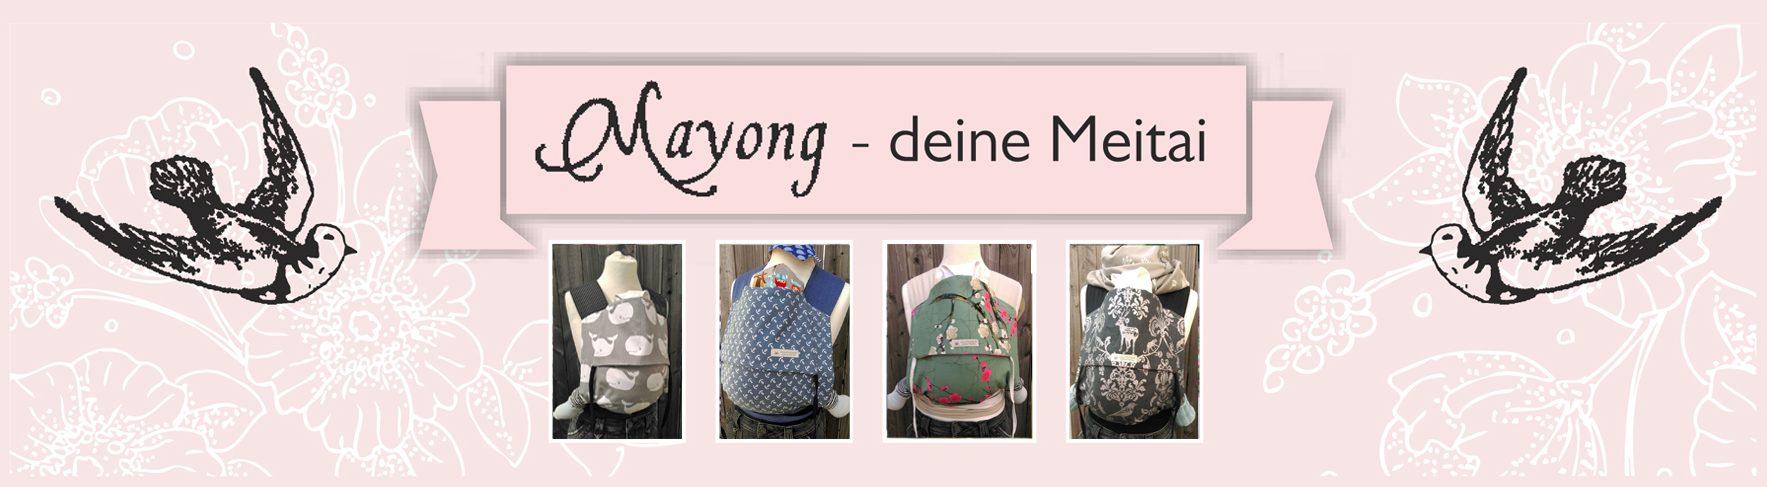 www.meitai.de